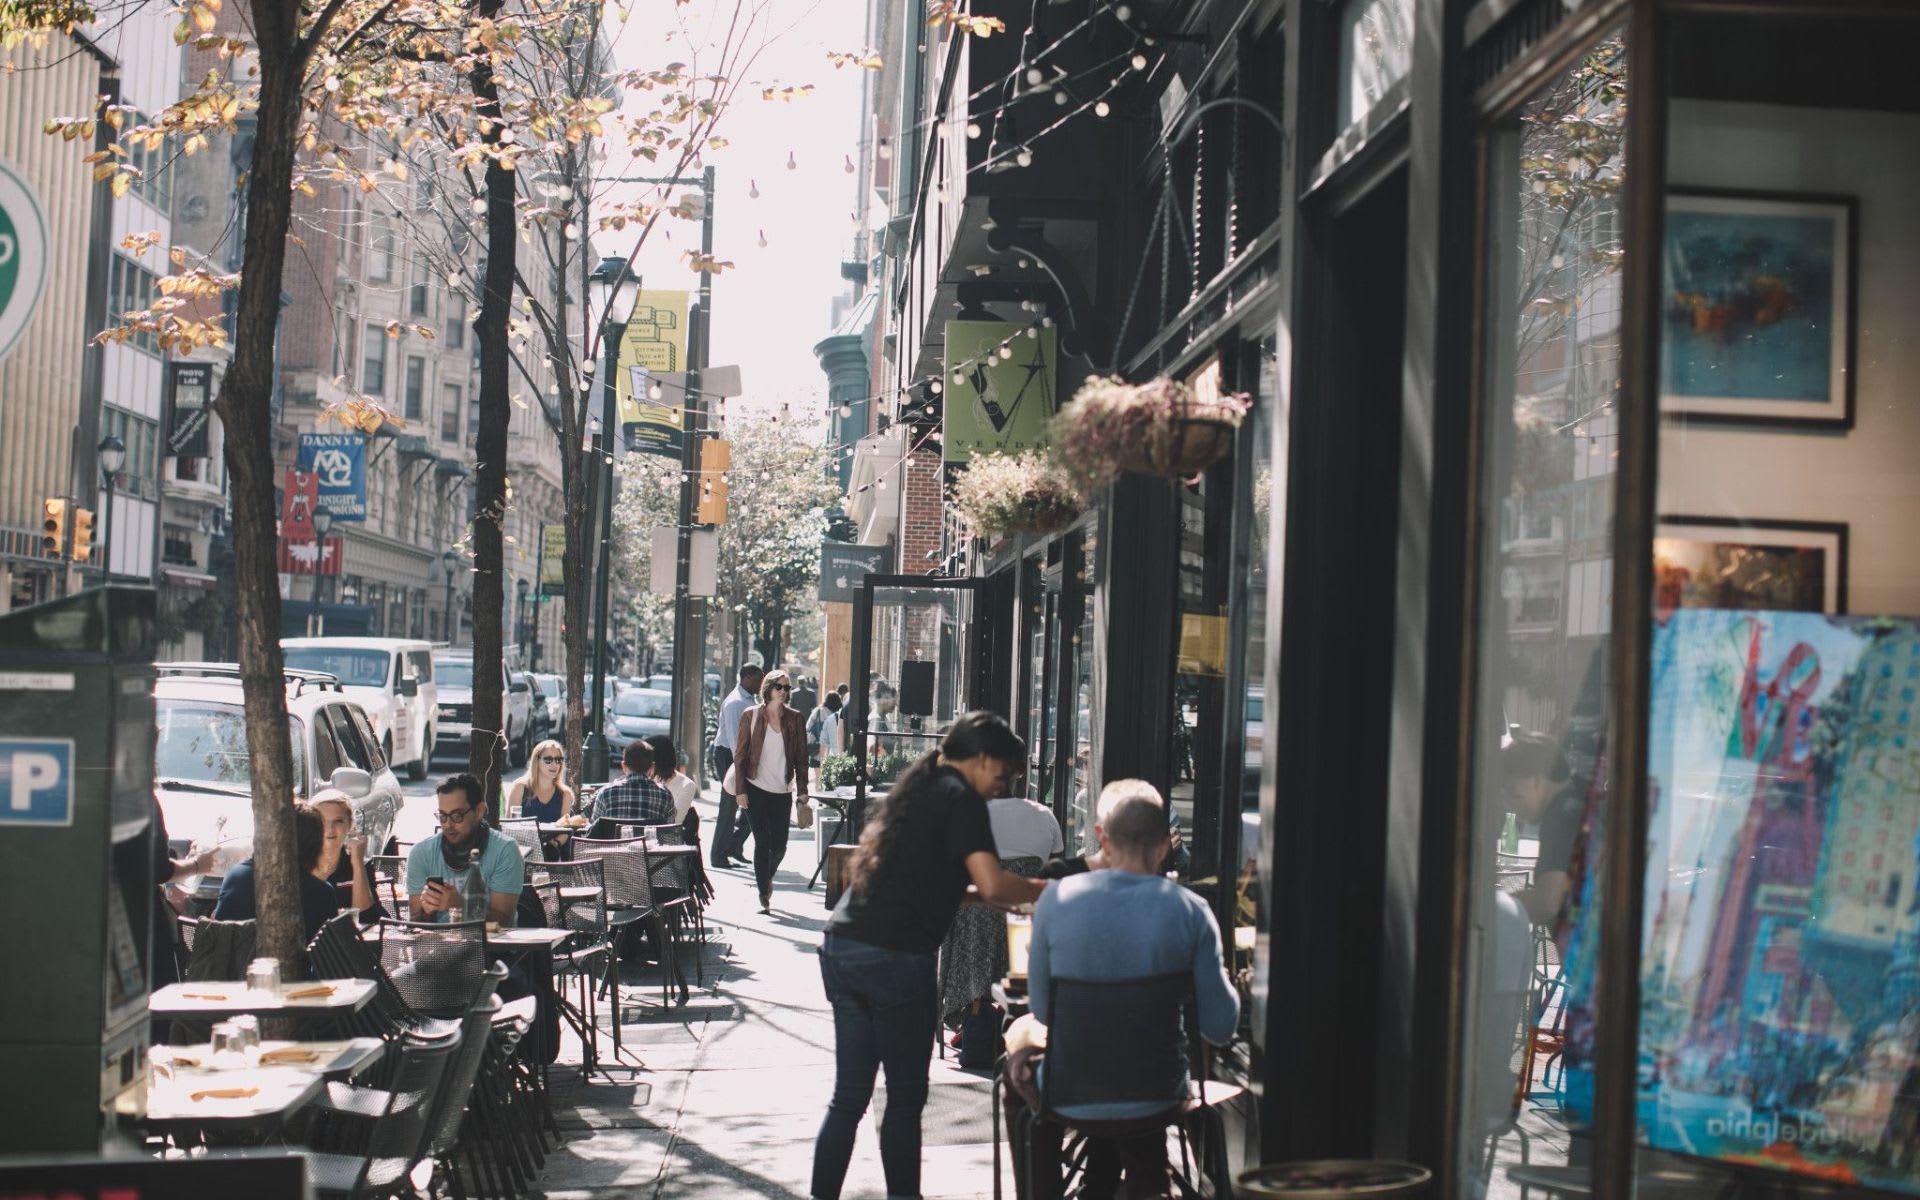 Washington Square West